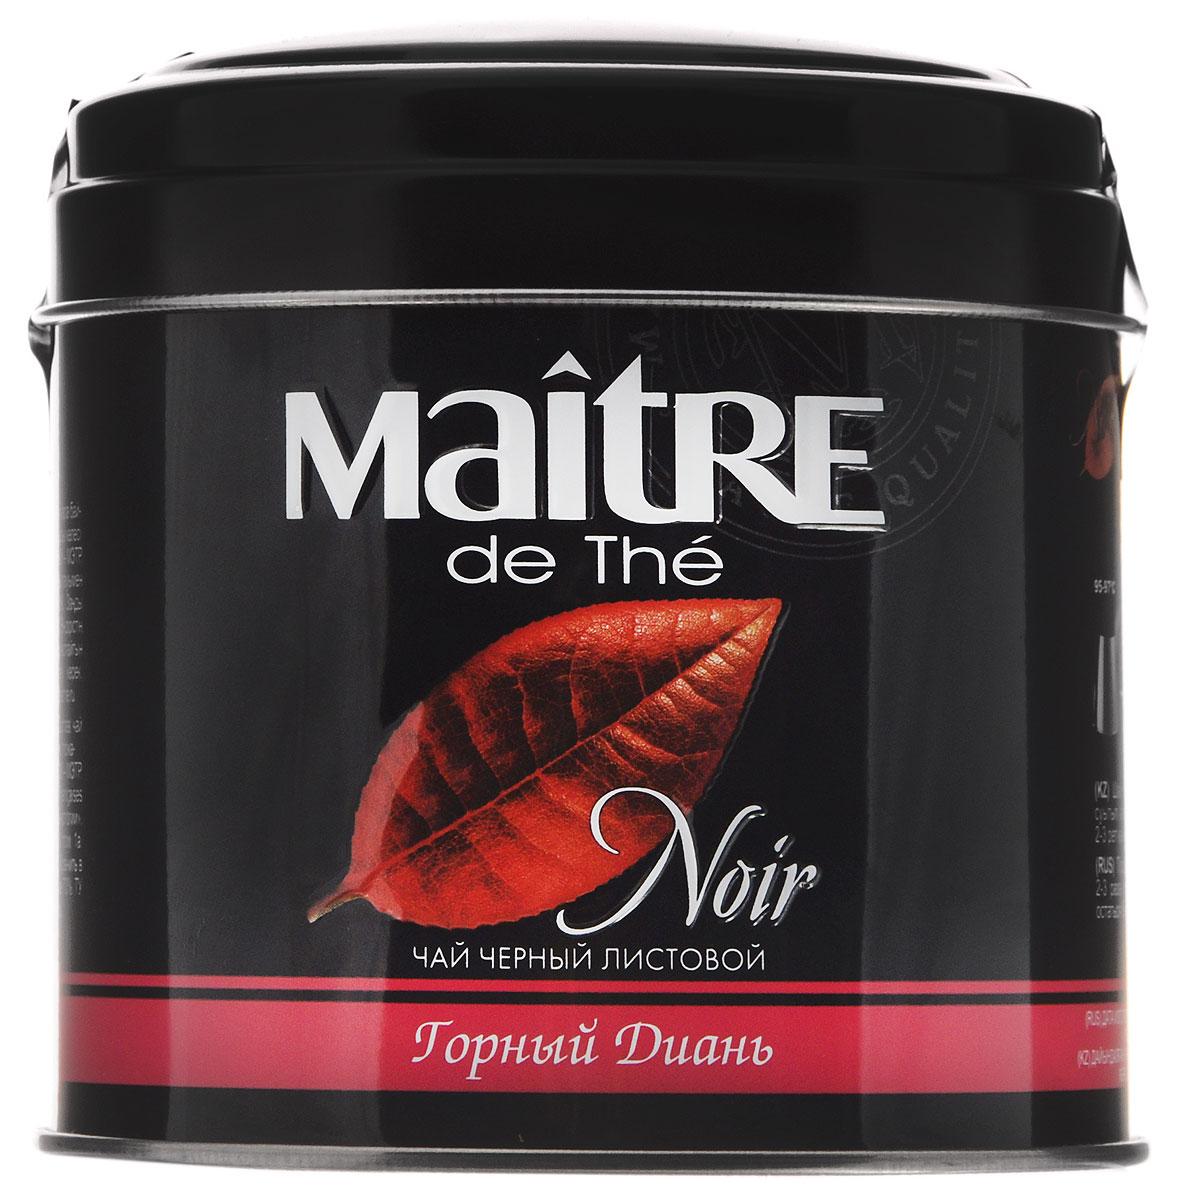 Maitre de The Горный диань черный листовой чай, 100 г (жестяная банка)101246Черный листовой чай из китайской провинции Юннань. Обладает насыщенным медовым вкусом и цветочным ароматом.